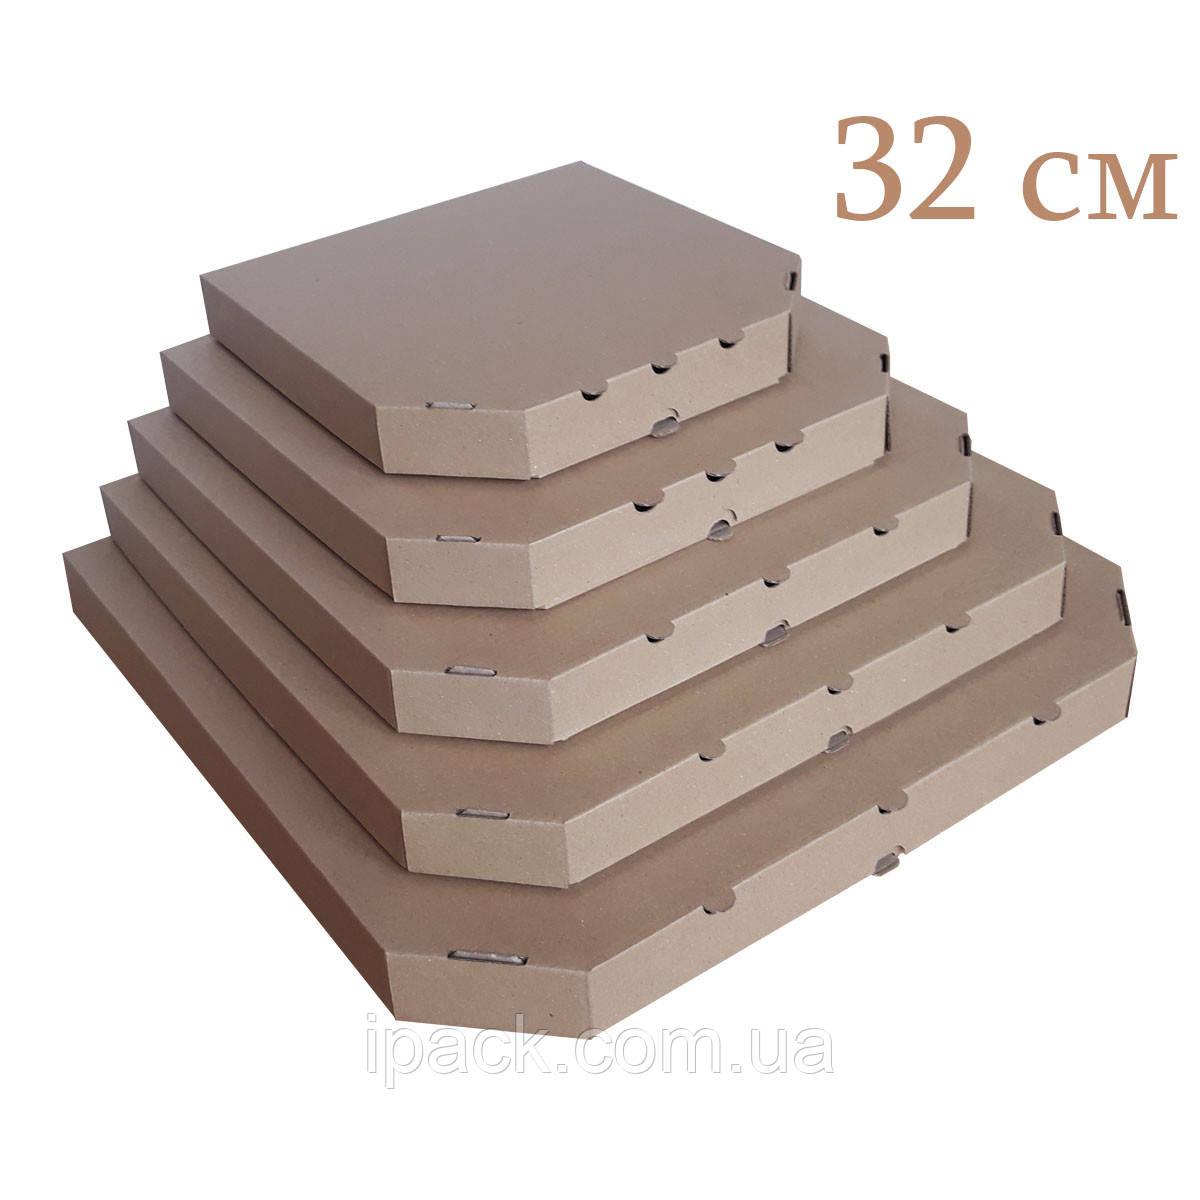 Коробка для пиццы, 32 см бурая, 320*320*35, мм